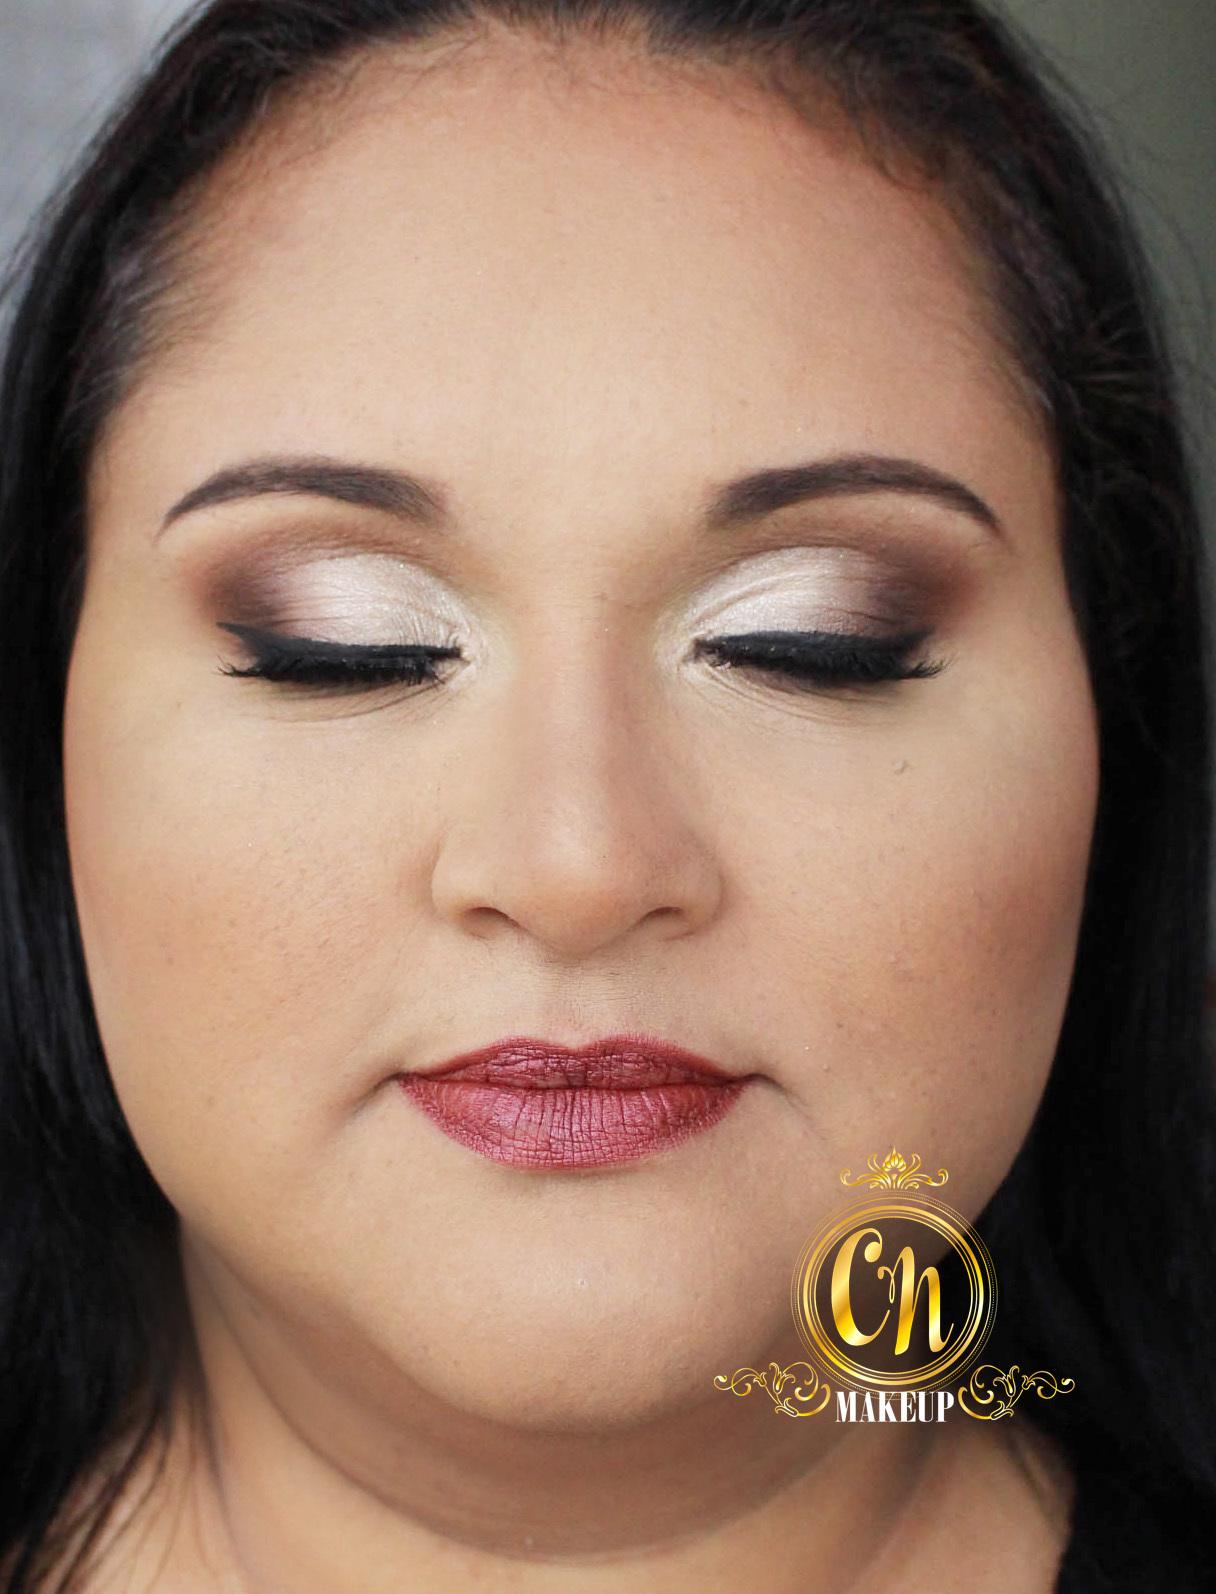 Maquiagem neutra para formatura! Convidada :) #formatura #maquiagemformatura #maquiagemneutra maquiagem maquiador(a)